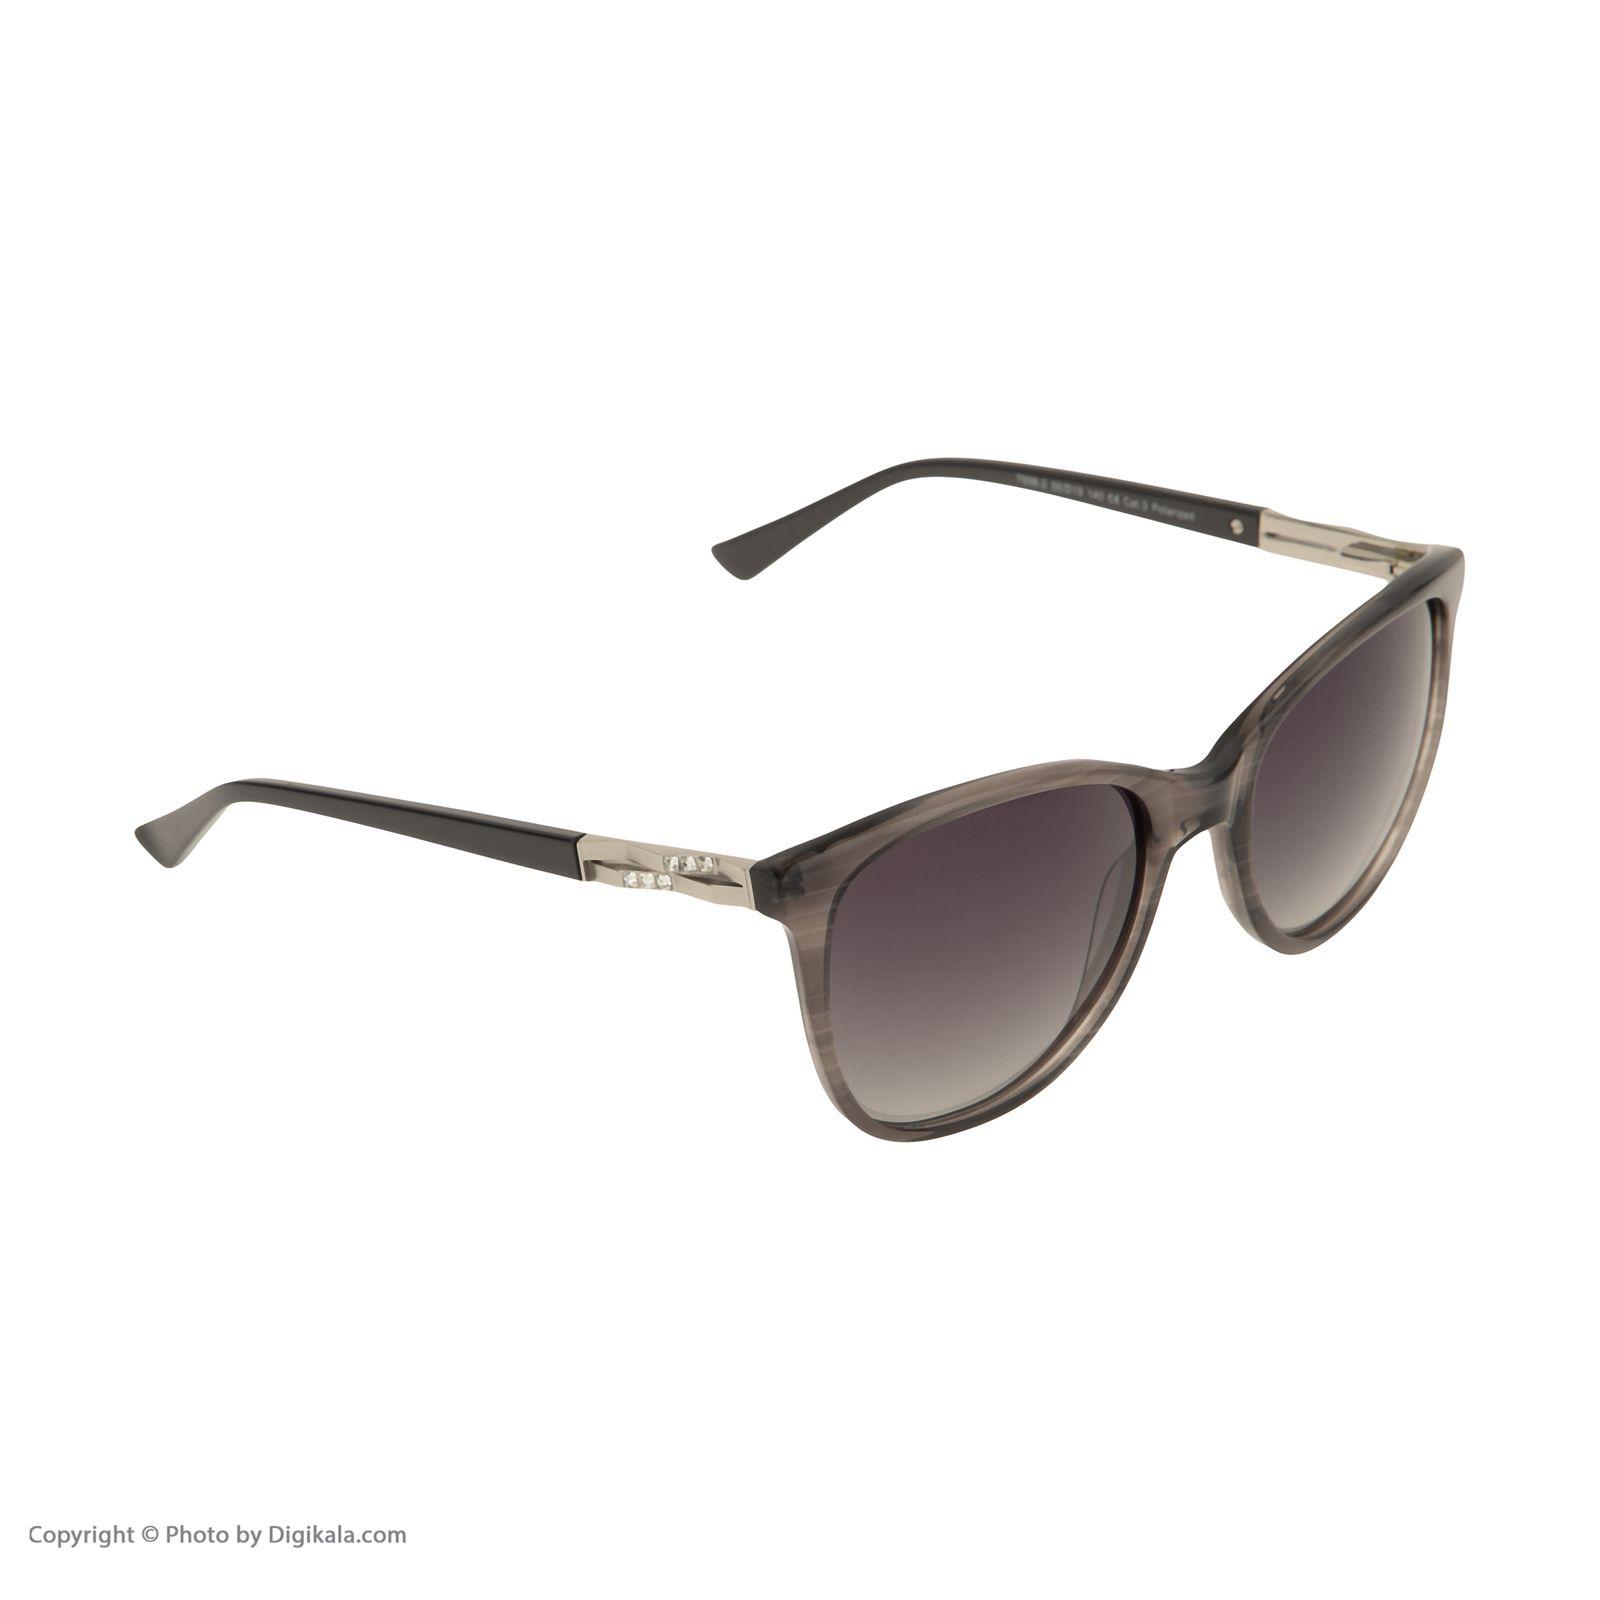 عینک آفتابی زنانه ویستان مدل 7998002 -  - 2